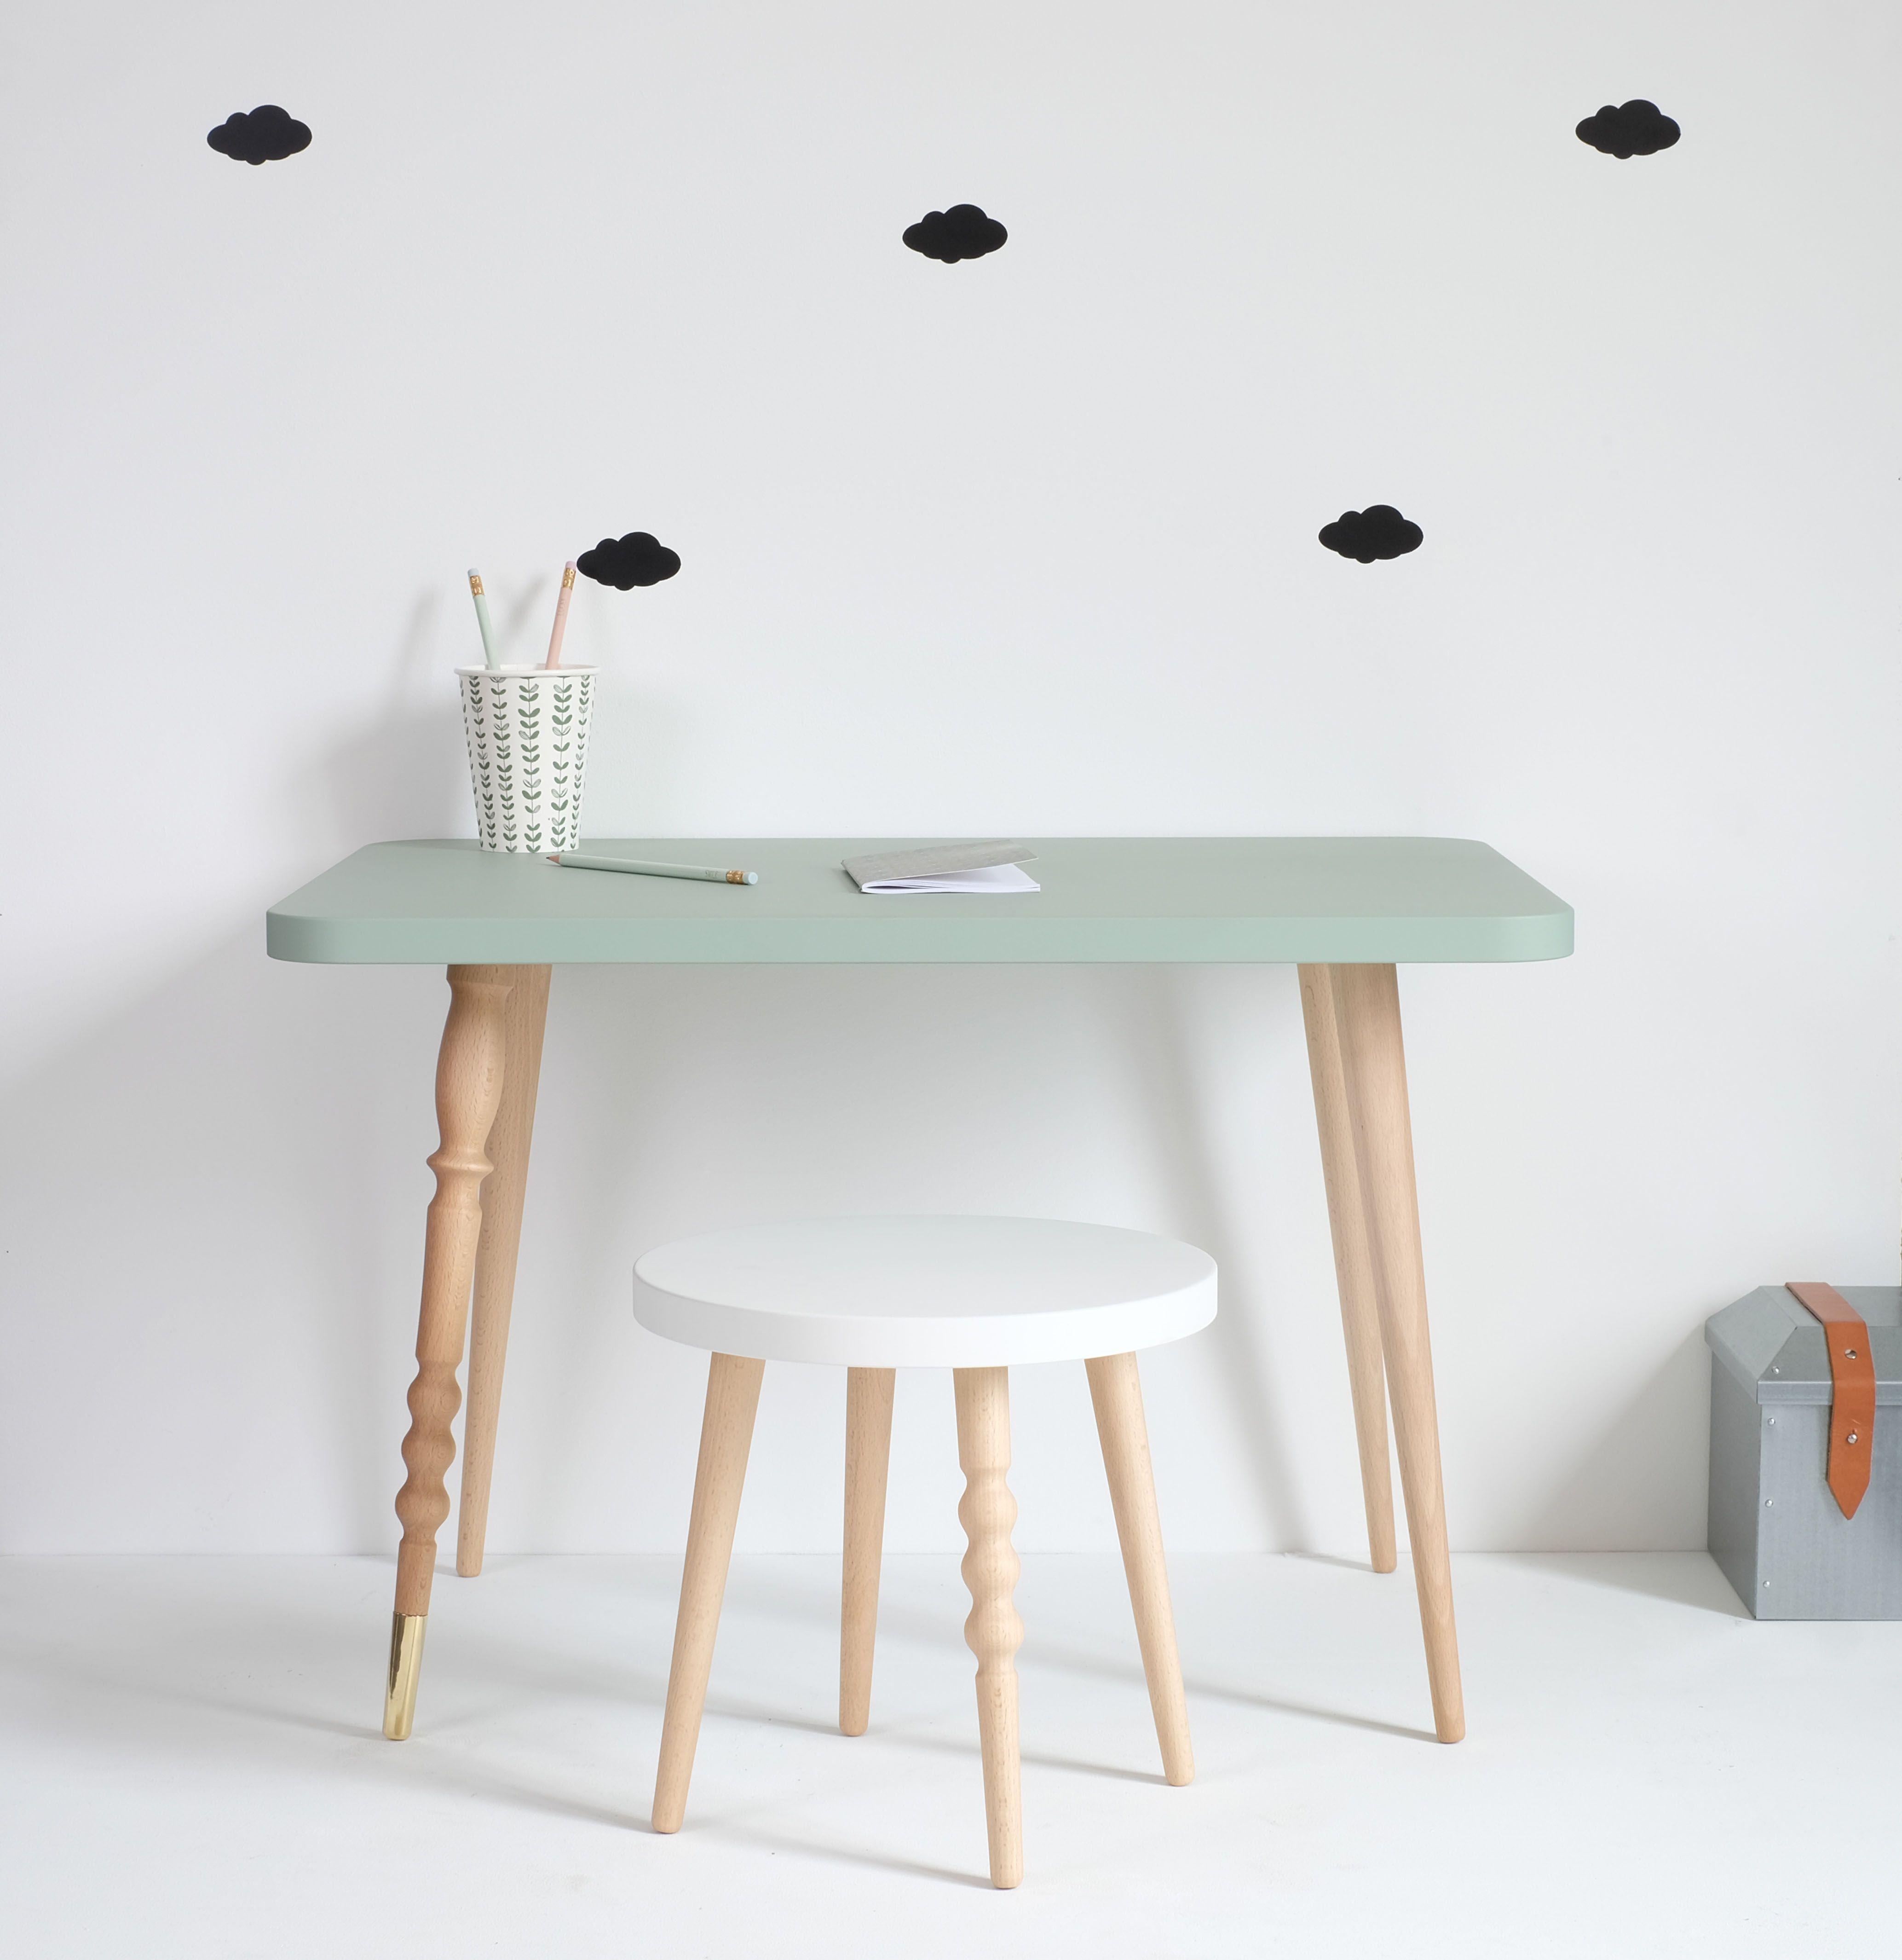 bureau pour enfant avec une table basse rectangle en hetre coloris vert celadon pouvant decorer une chambre bureau enfant decoration chambre ado table basse